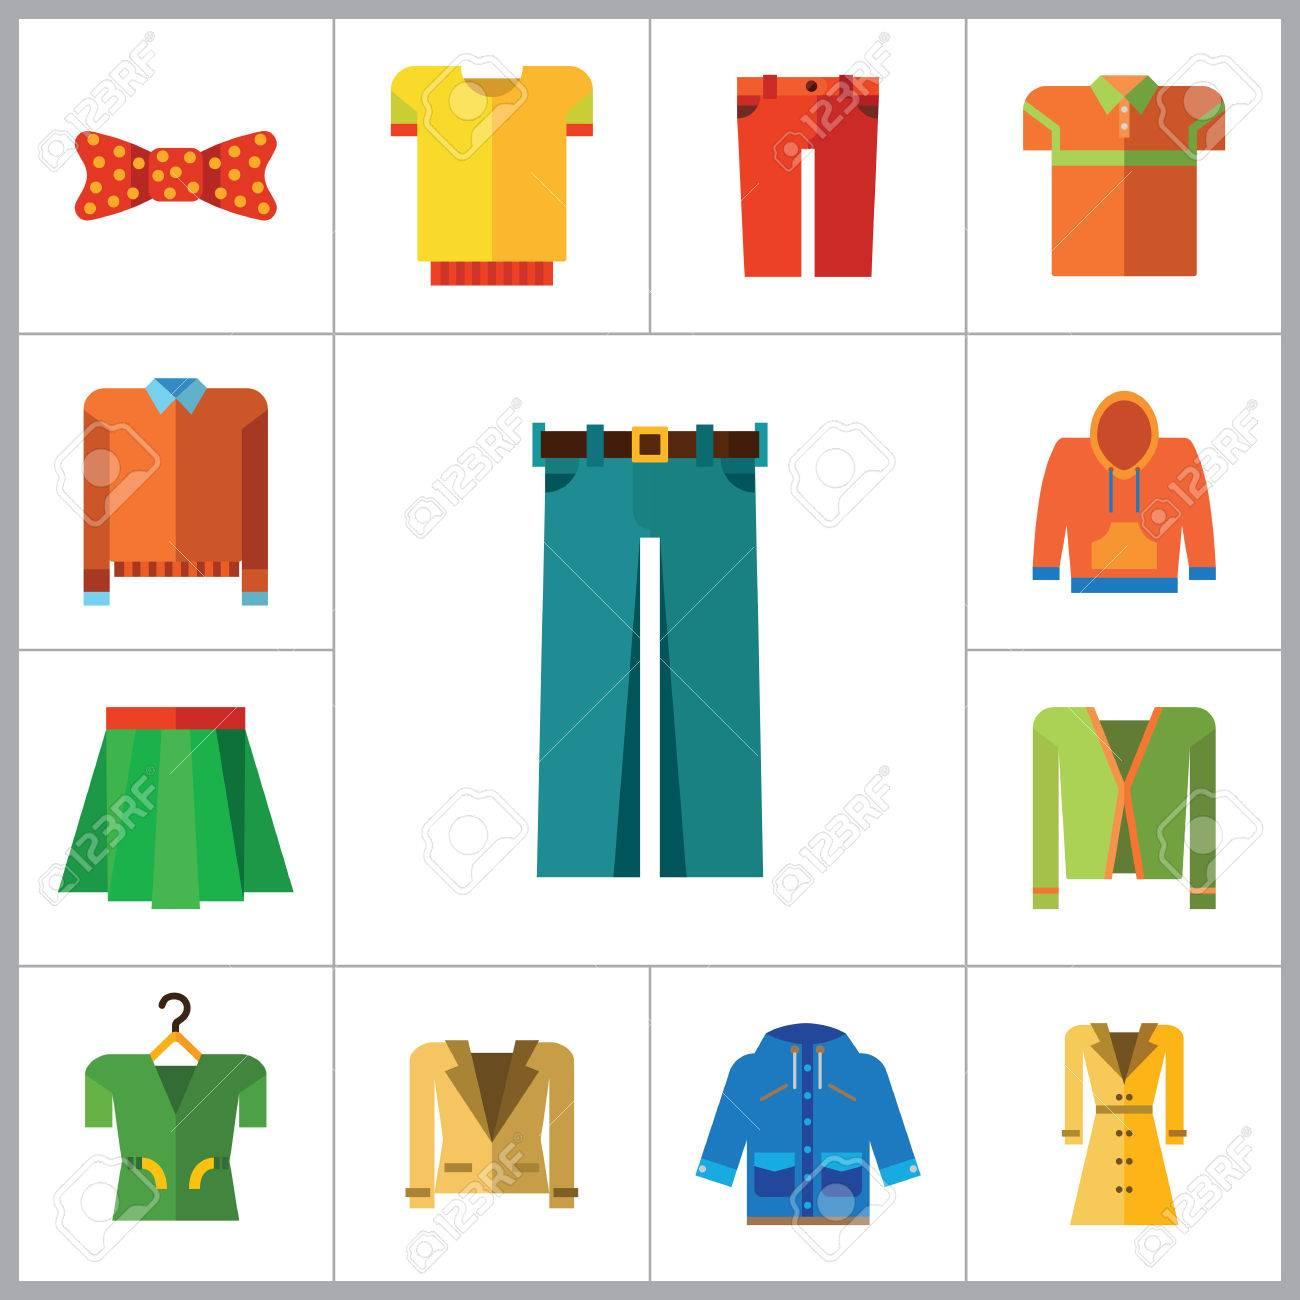 Fiebus clipart clipart freeuse download Bowtie clipart orange clothes - 61 transparent clip arts, images and ... clipart freeuse download